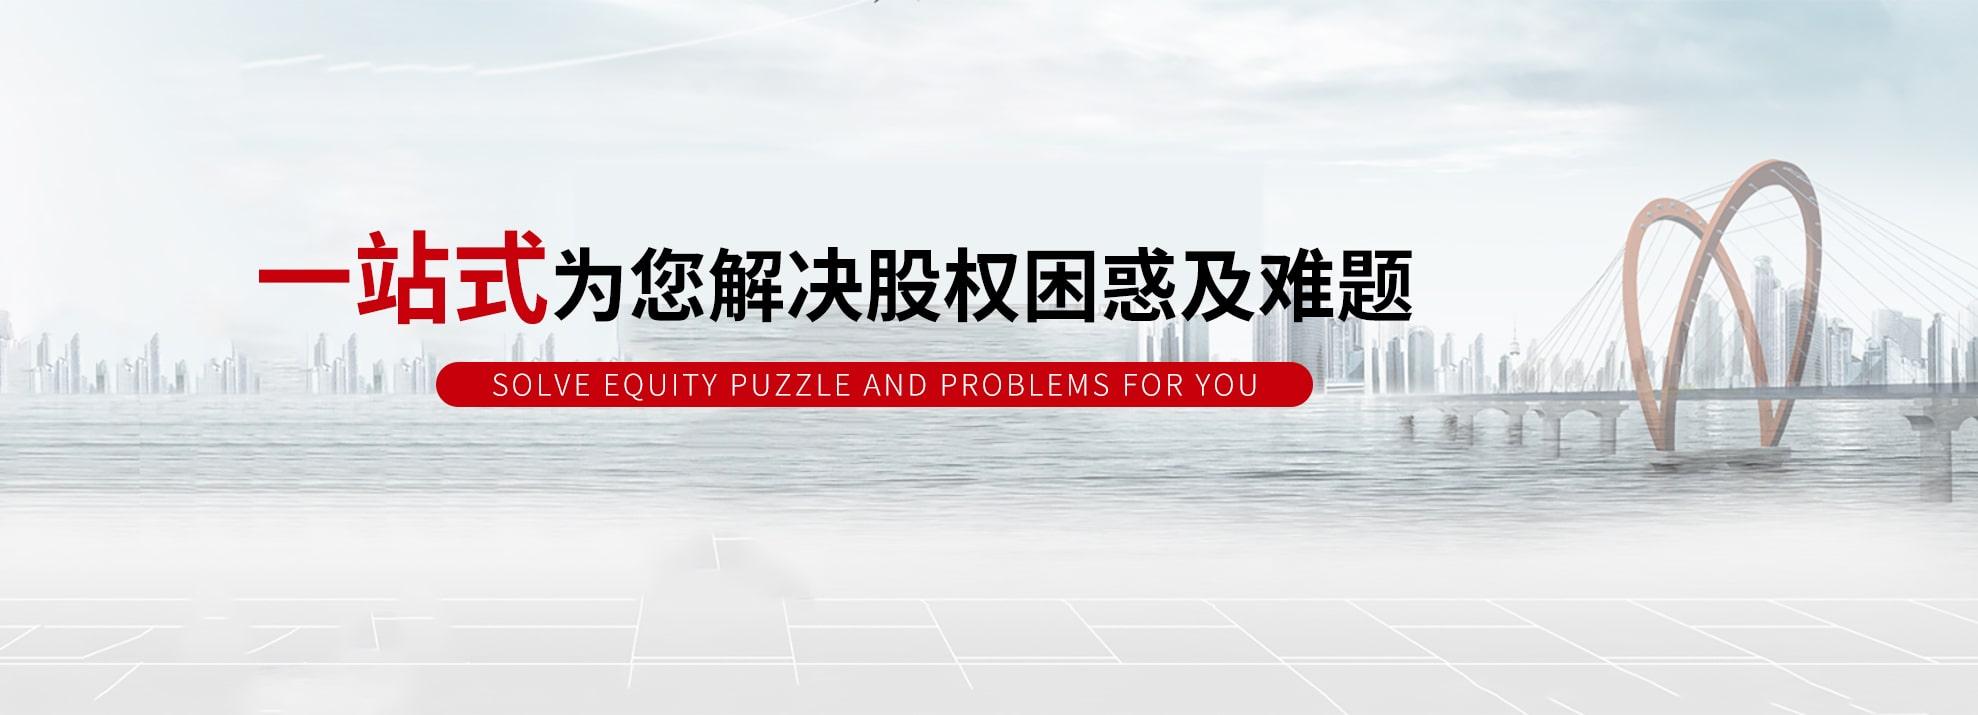 股权激励标准制定者一站式为您解决所有困惑难题